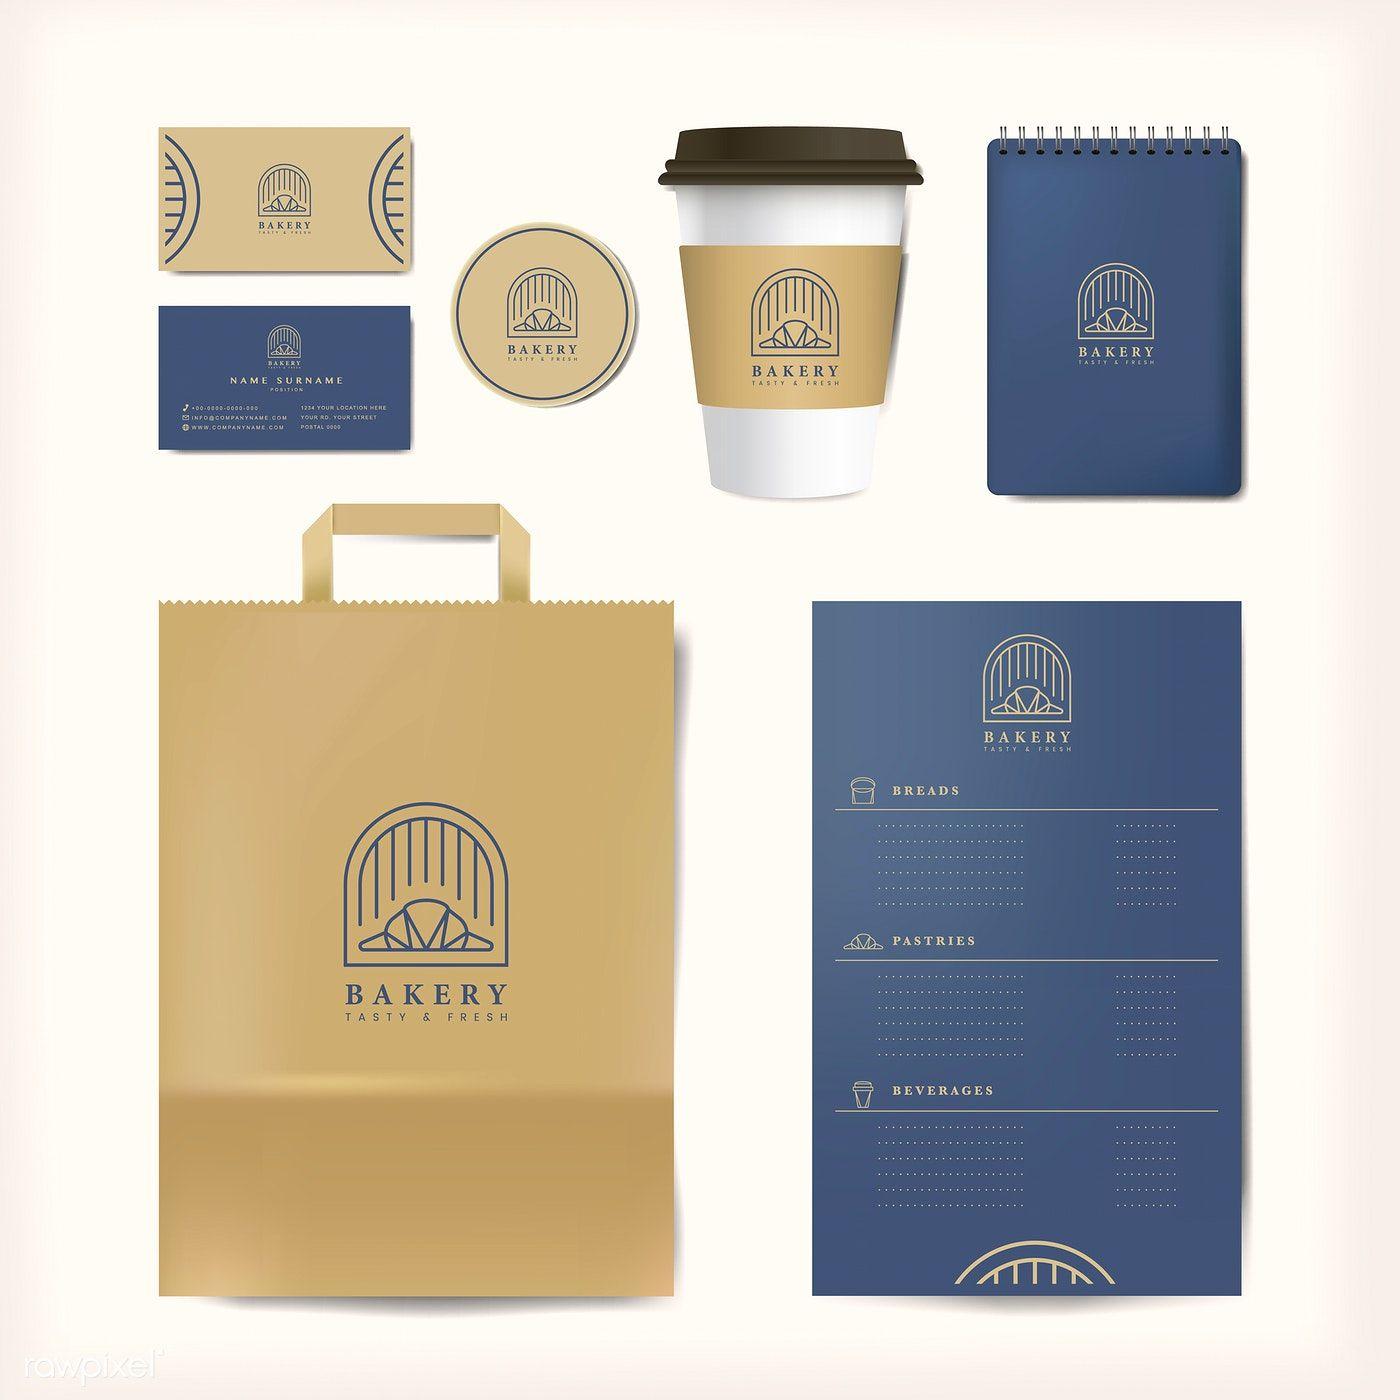 Download Paper Branding Mockup Vector Set Free Image By Rawpixel Com Branding Mockups Farm Logo Design Business Card Mock Up